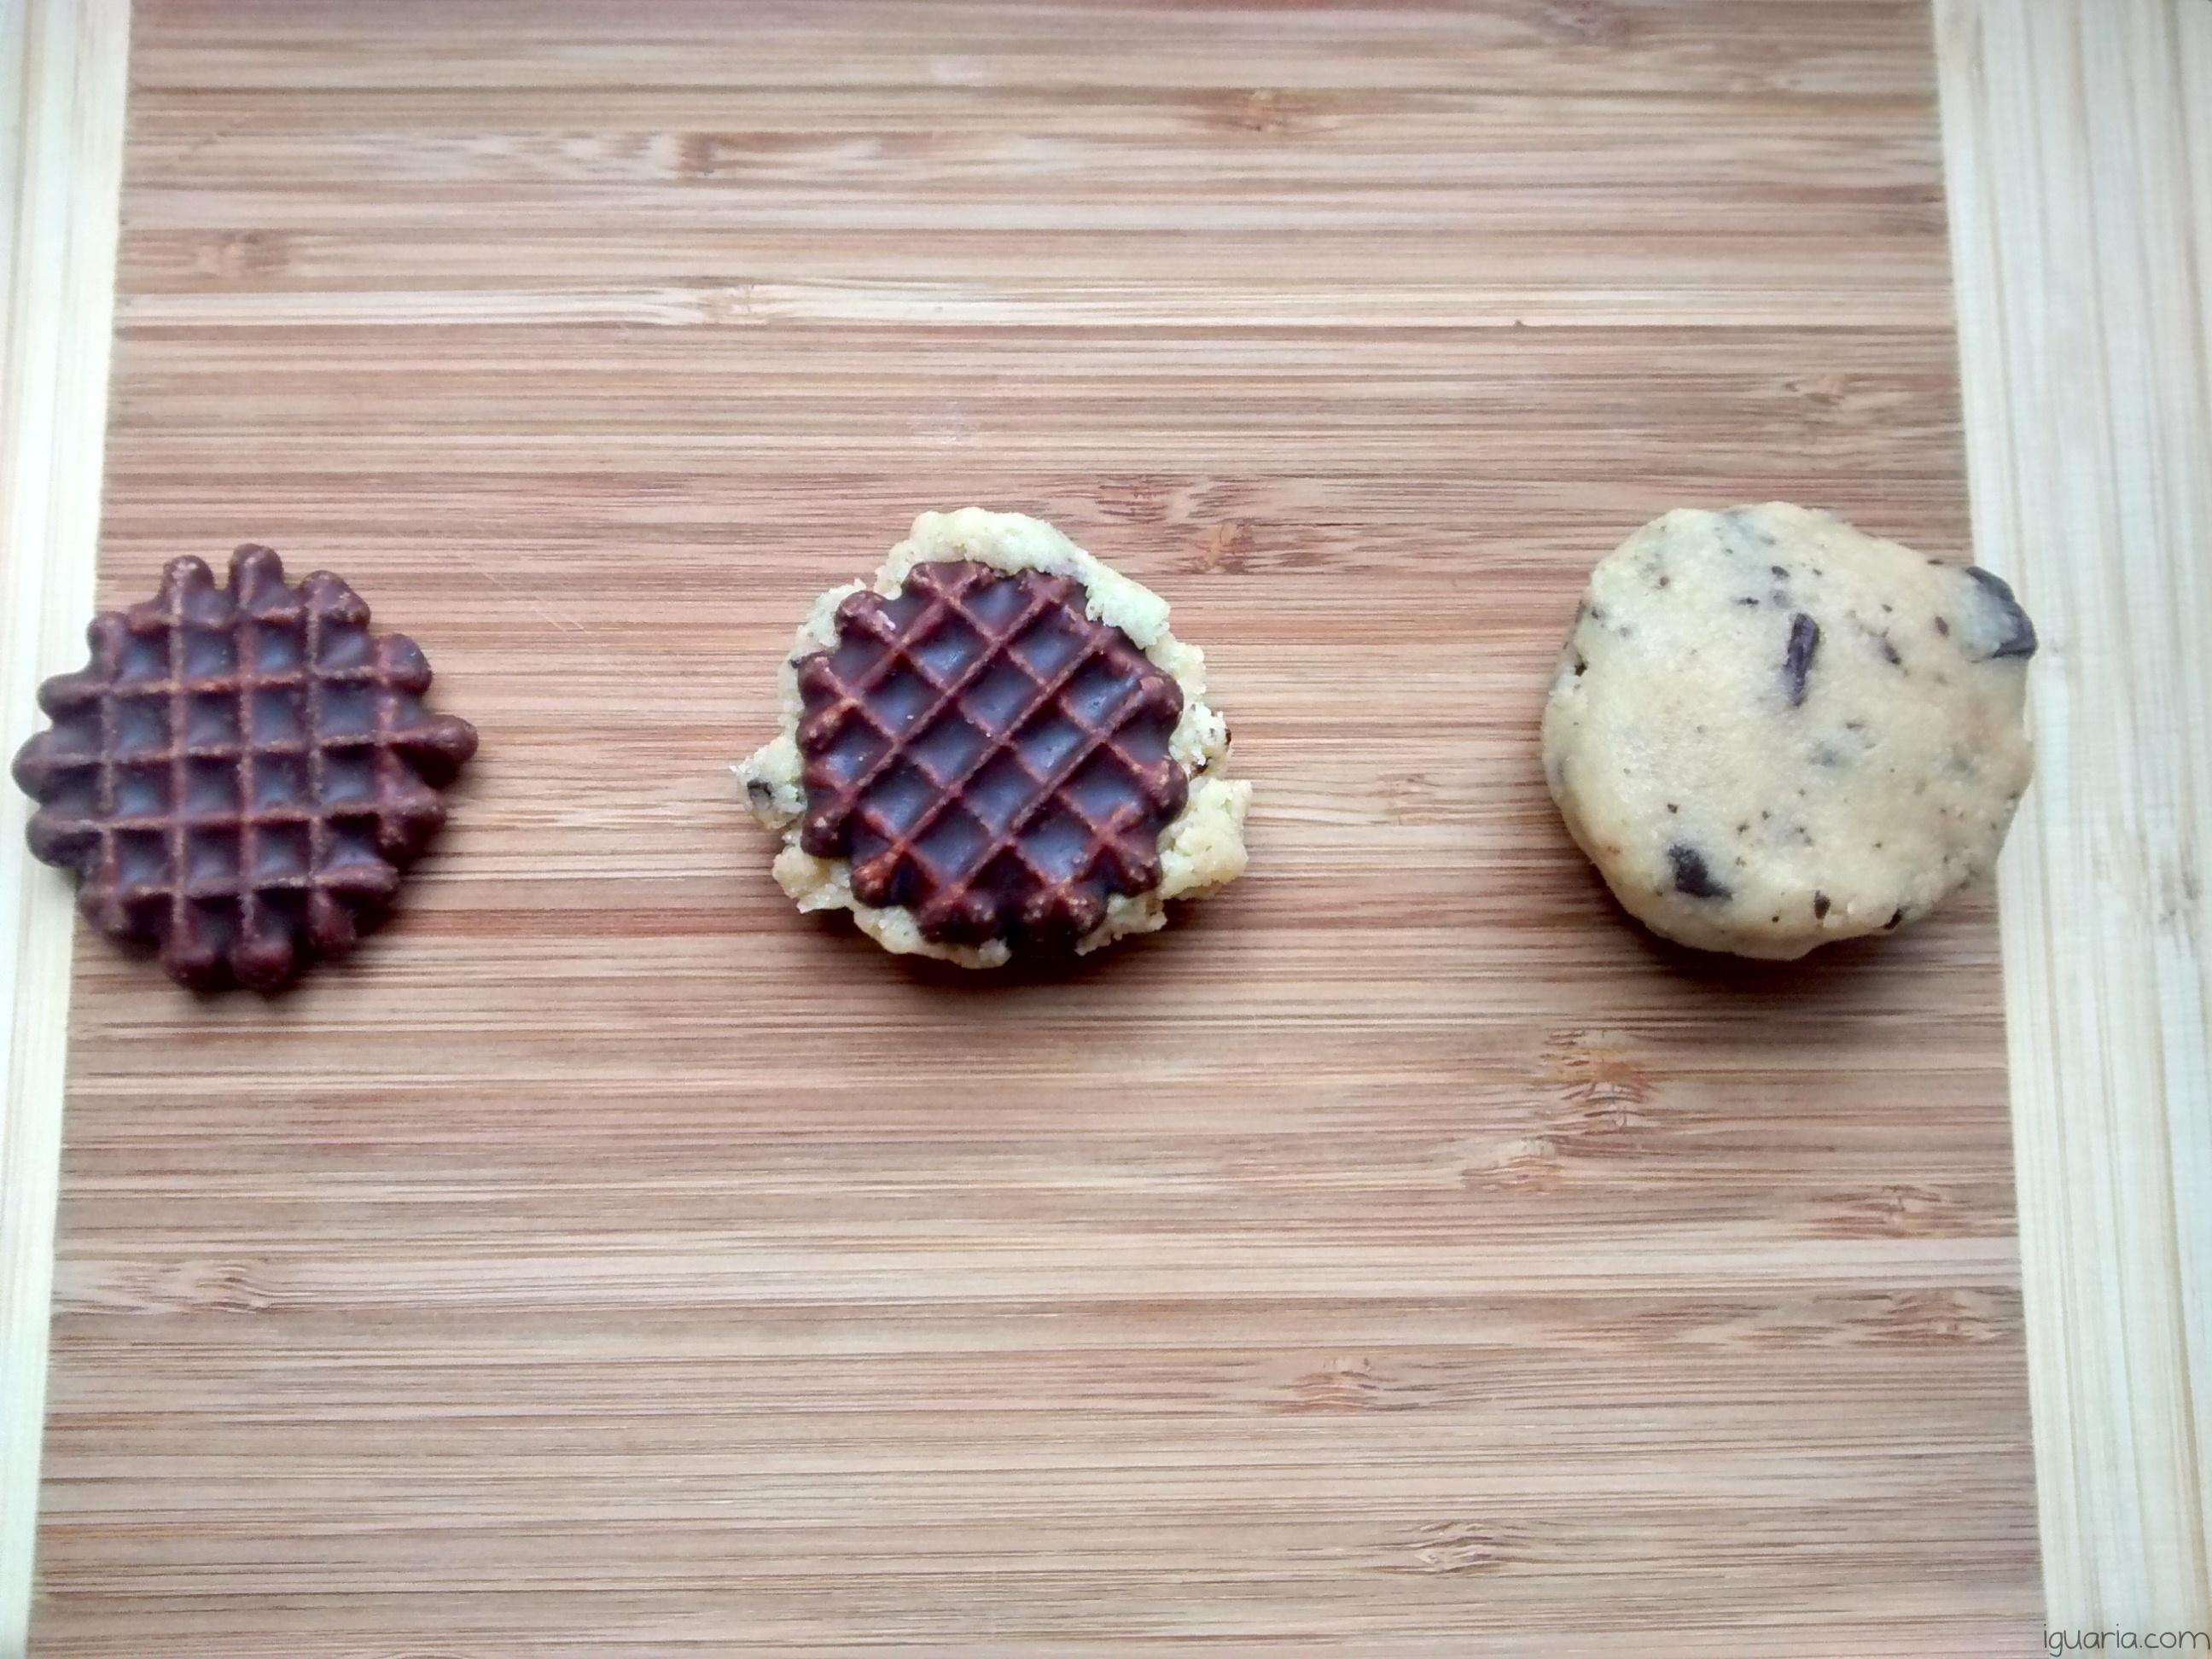 Iguaria_Bolachas-Recheadas-de-Cookie